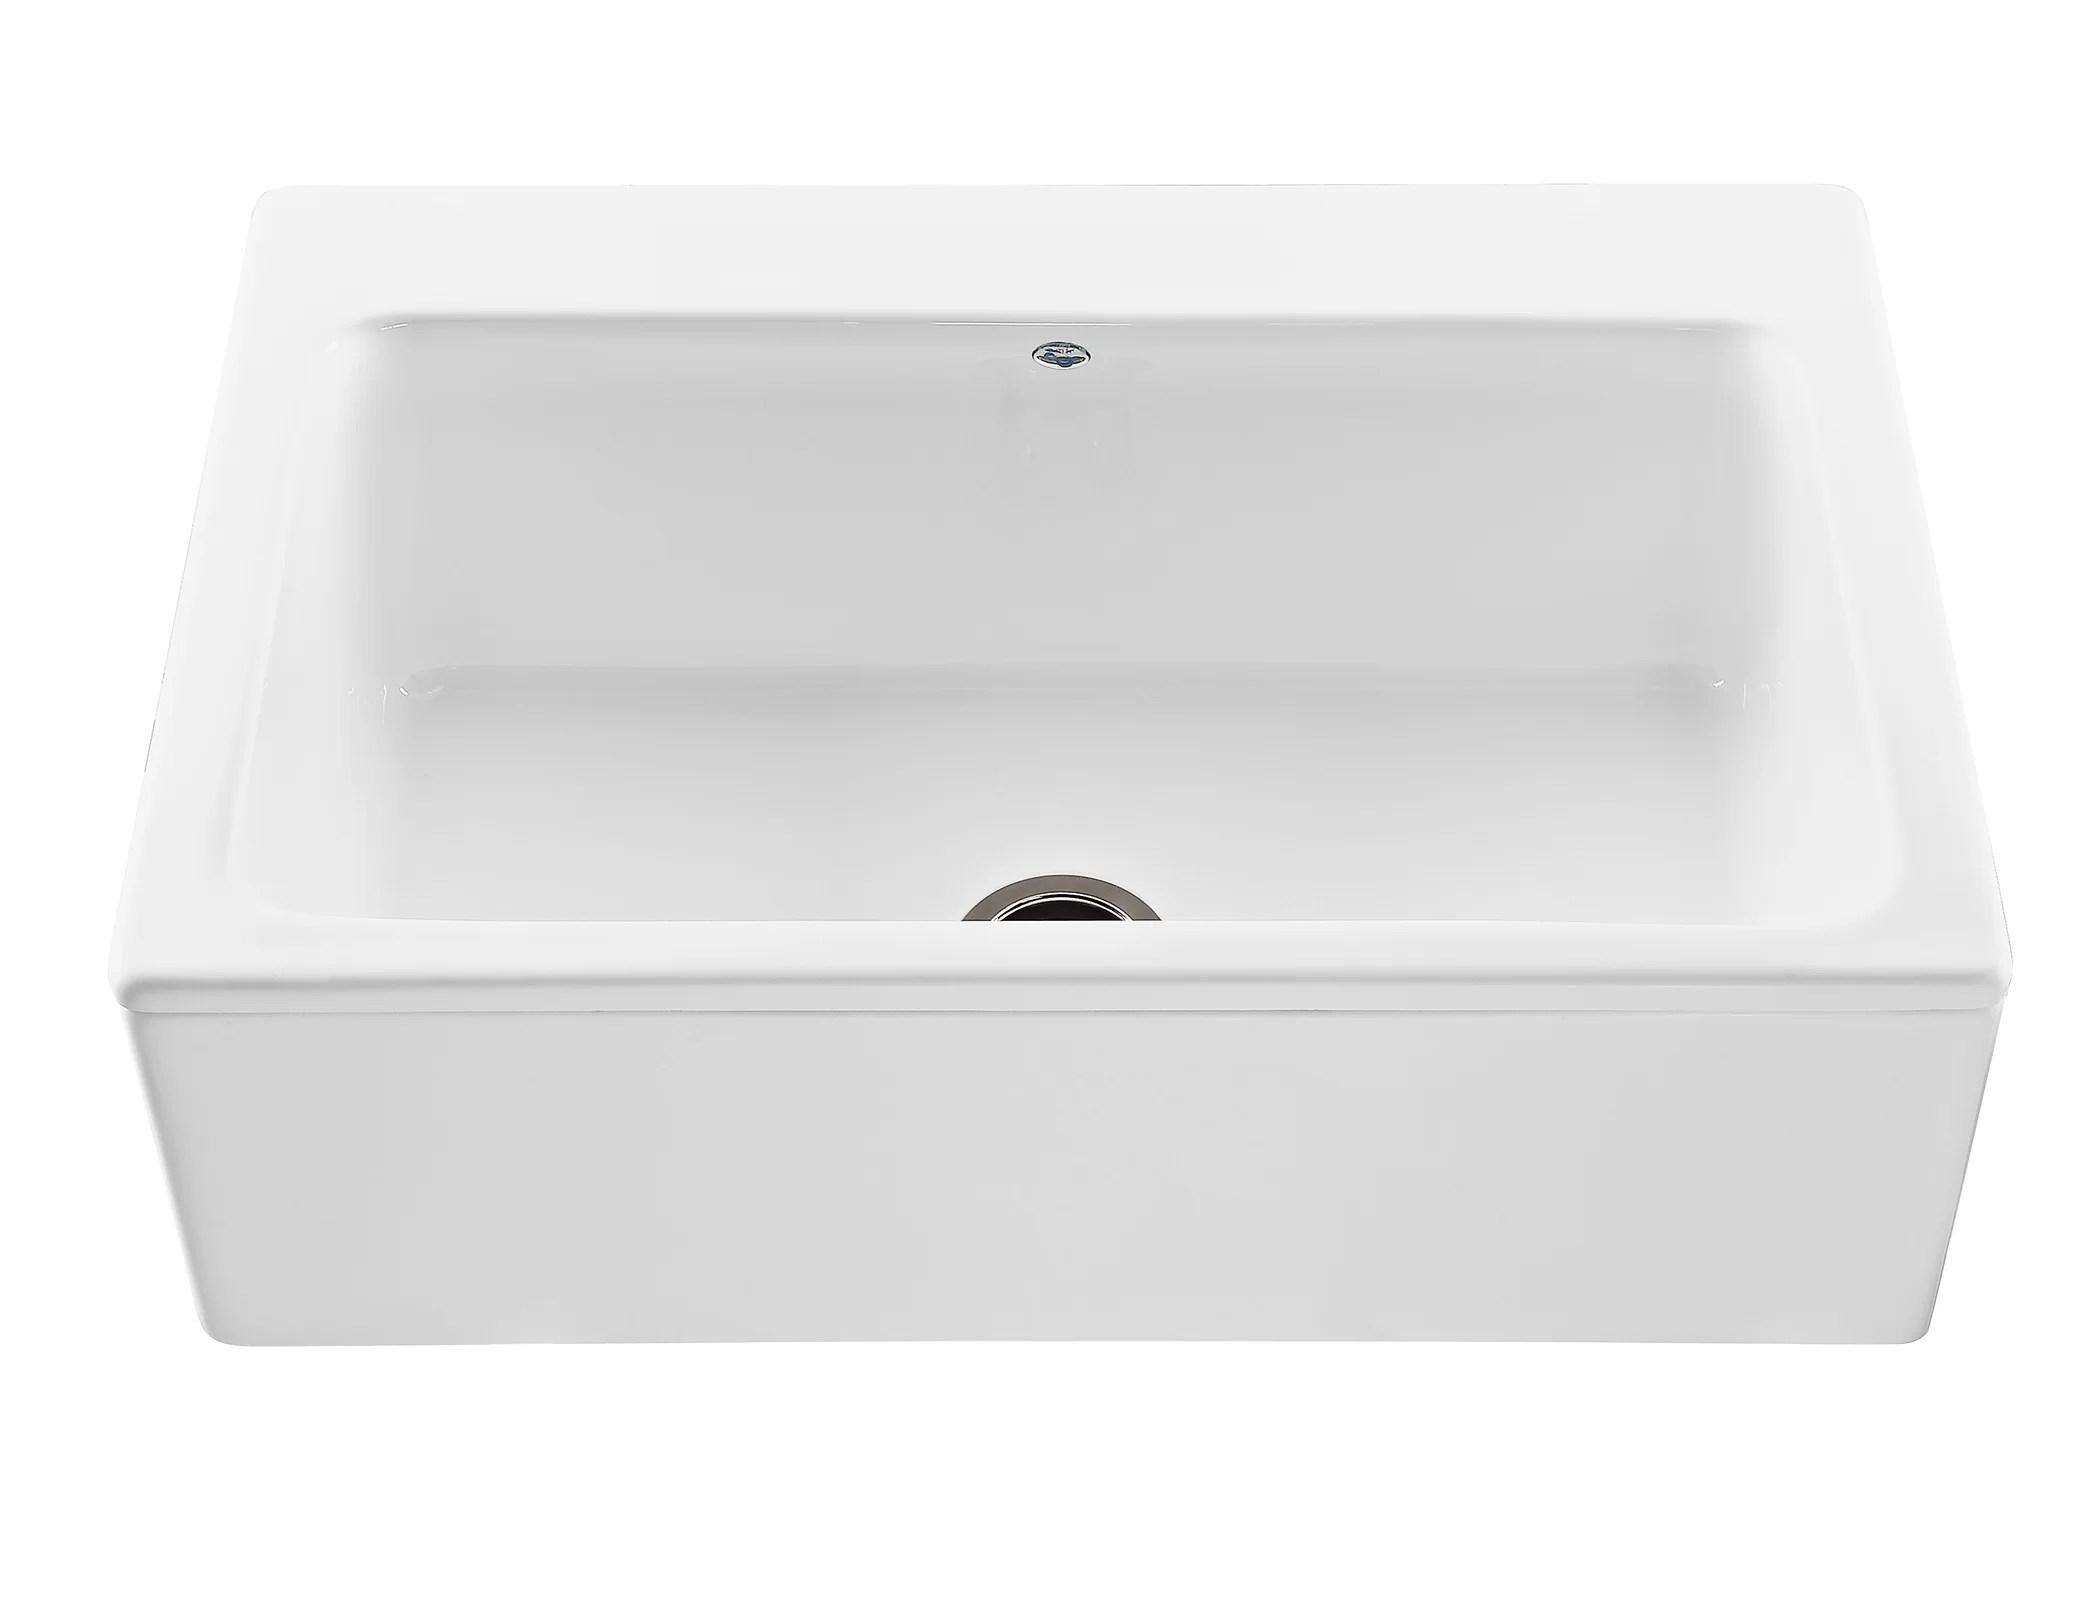 Reliance Mccoy 33 L X 22 25 W Farmhouse Apron Kitchen Sink Reviews Allmodern